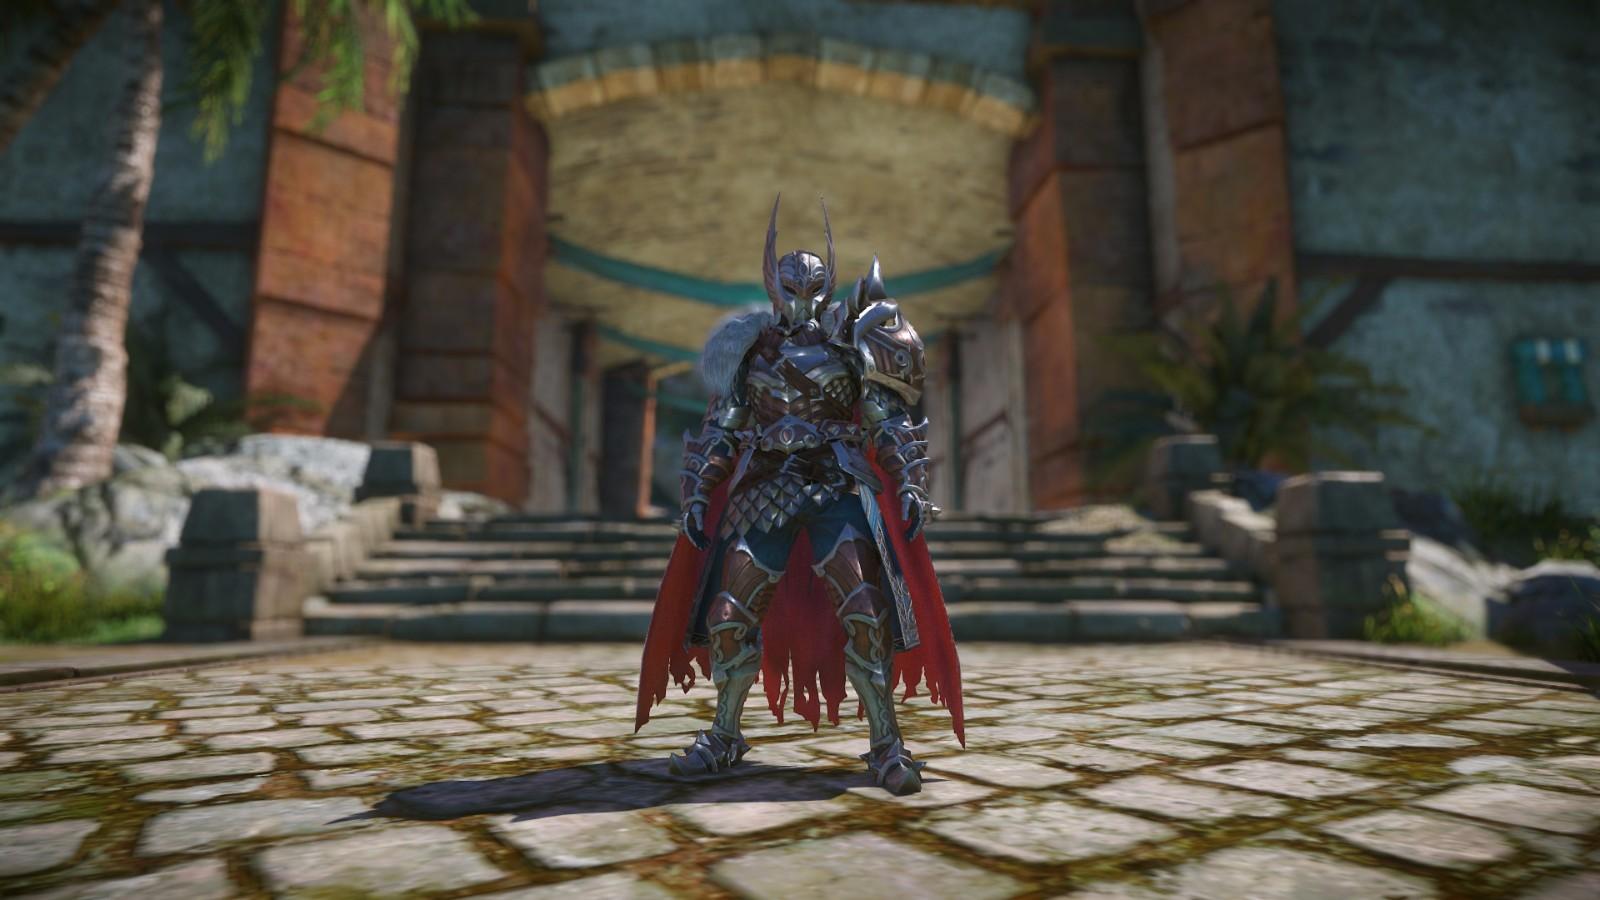 s级雷神之锤,雷霆战神常用片手武器.